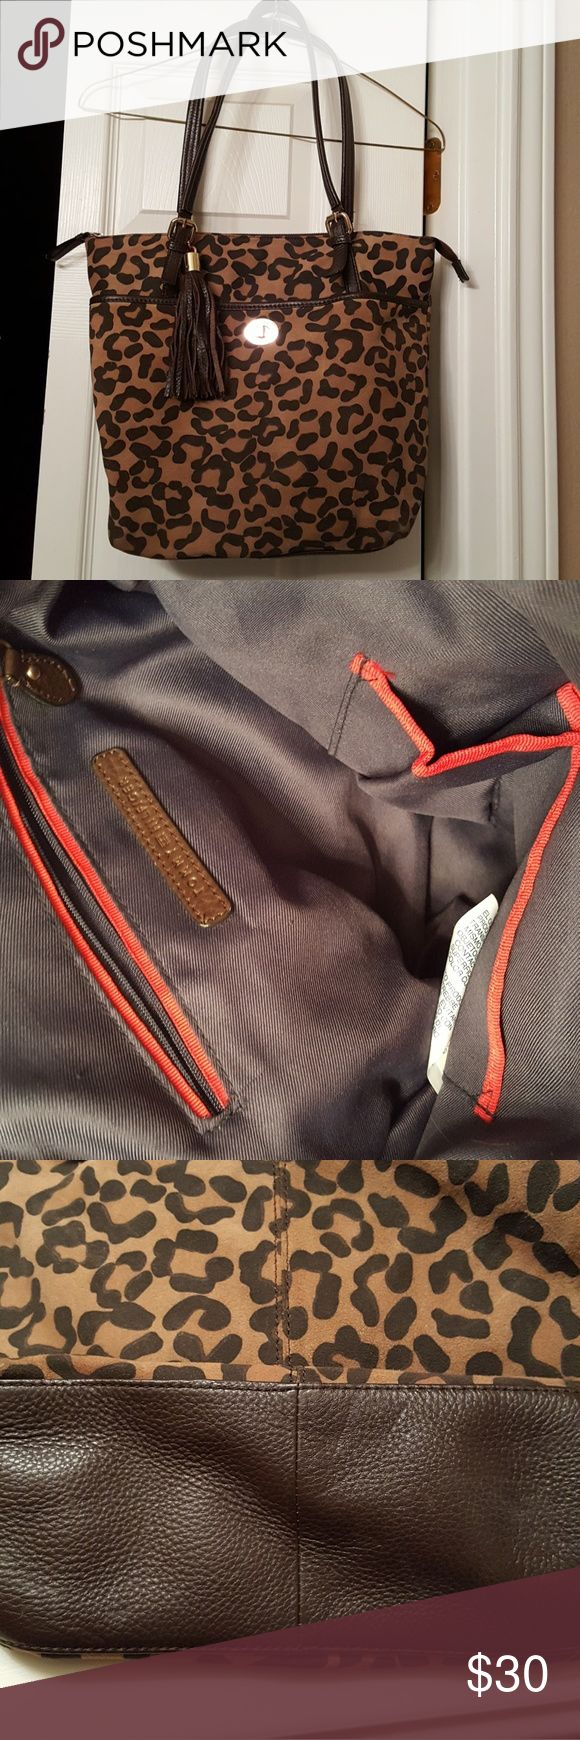 Tommy Hilfiger shoulder bag Tommy Hilfiger animal print shoulder bag. 12(w) x 14(h) x 4(d). Perfect size, great bag never used. Tommy Hilfiger Bags Shoulder Bags